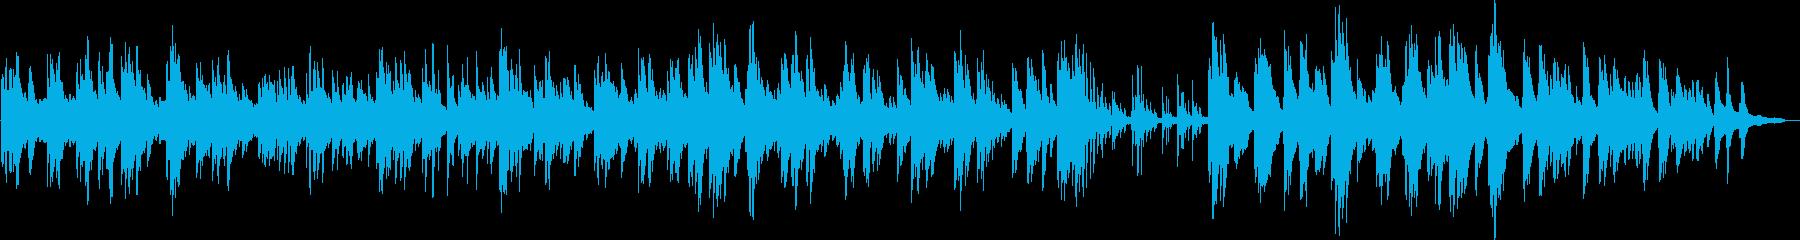 優しいピアノソロのバラードですの再生済みの波形